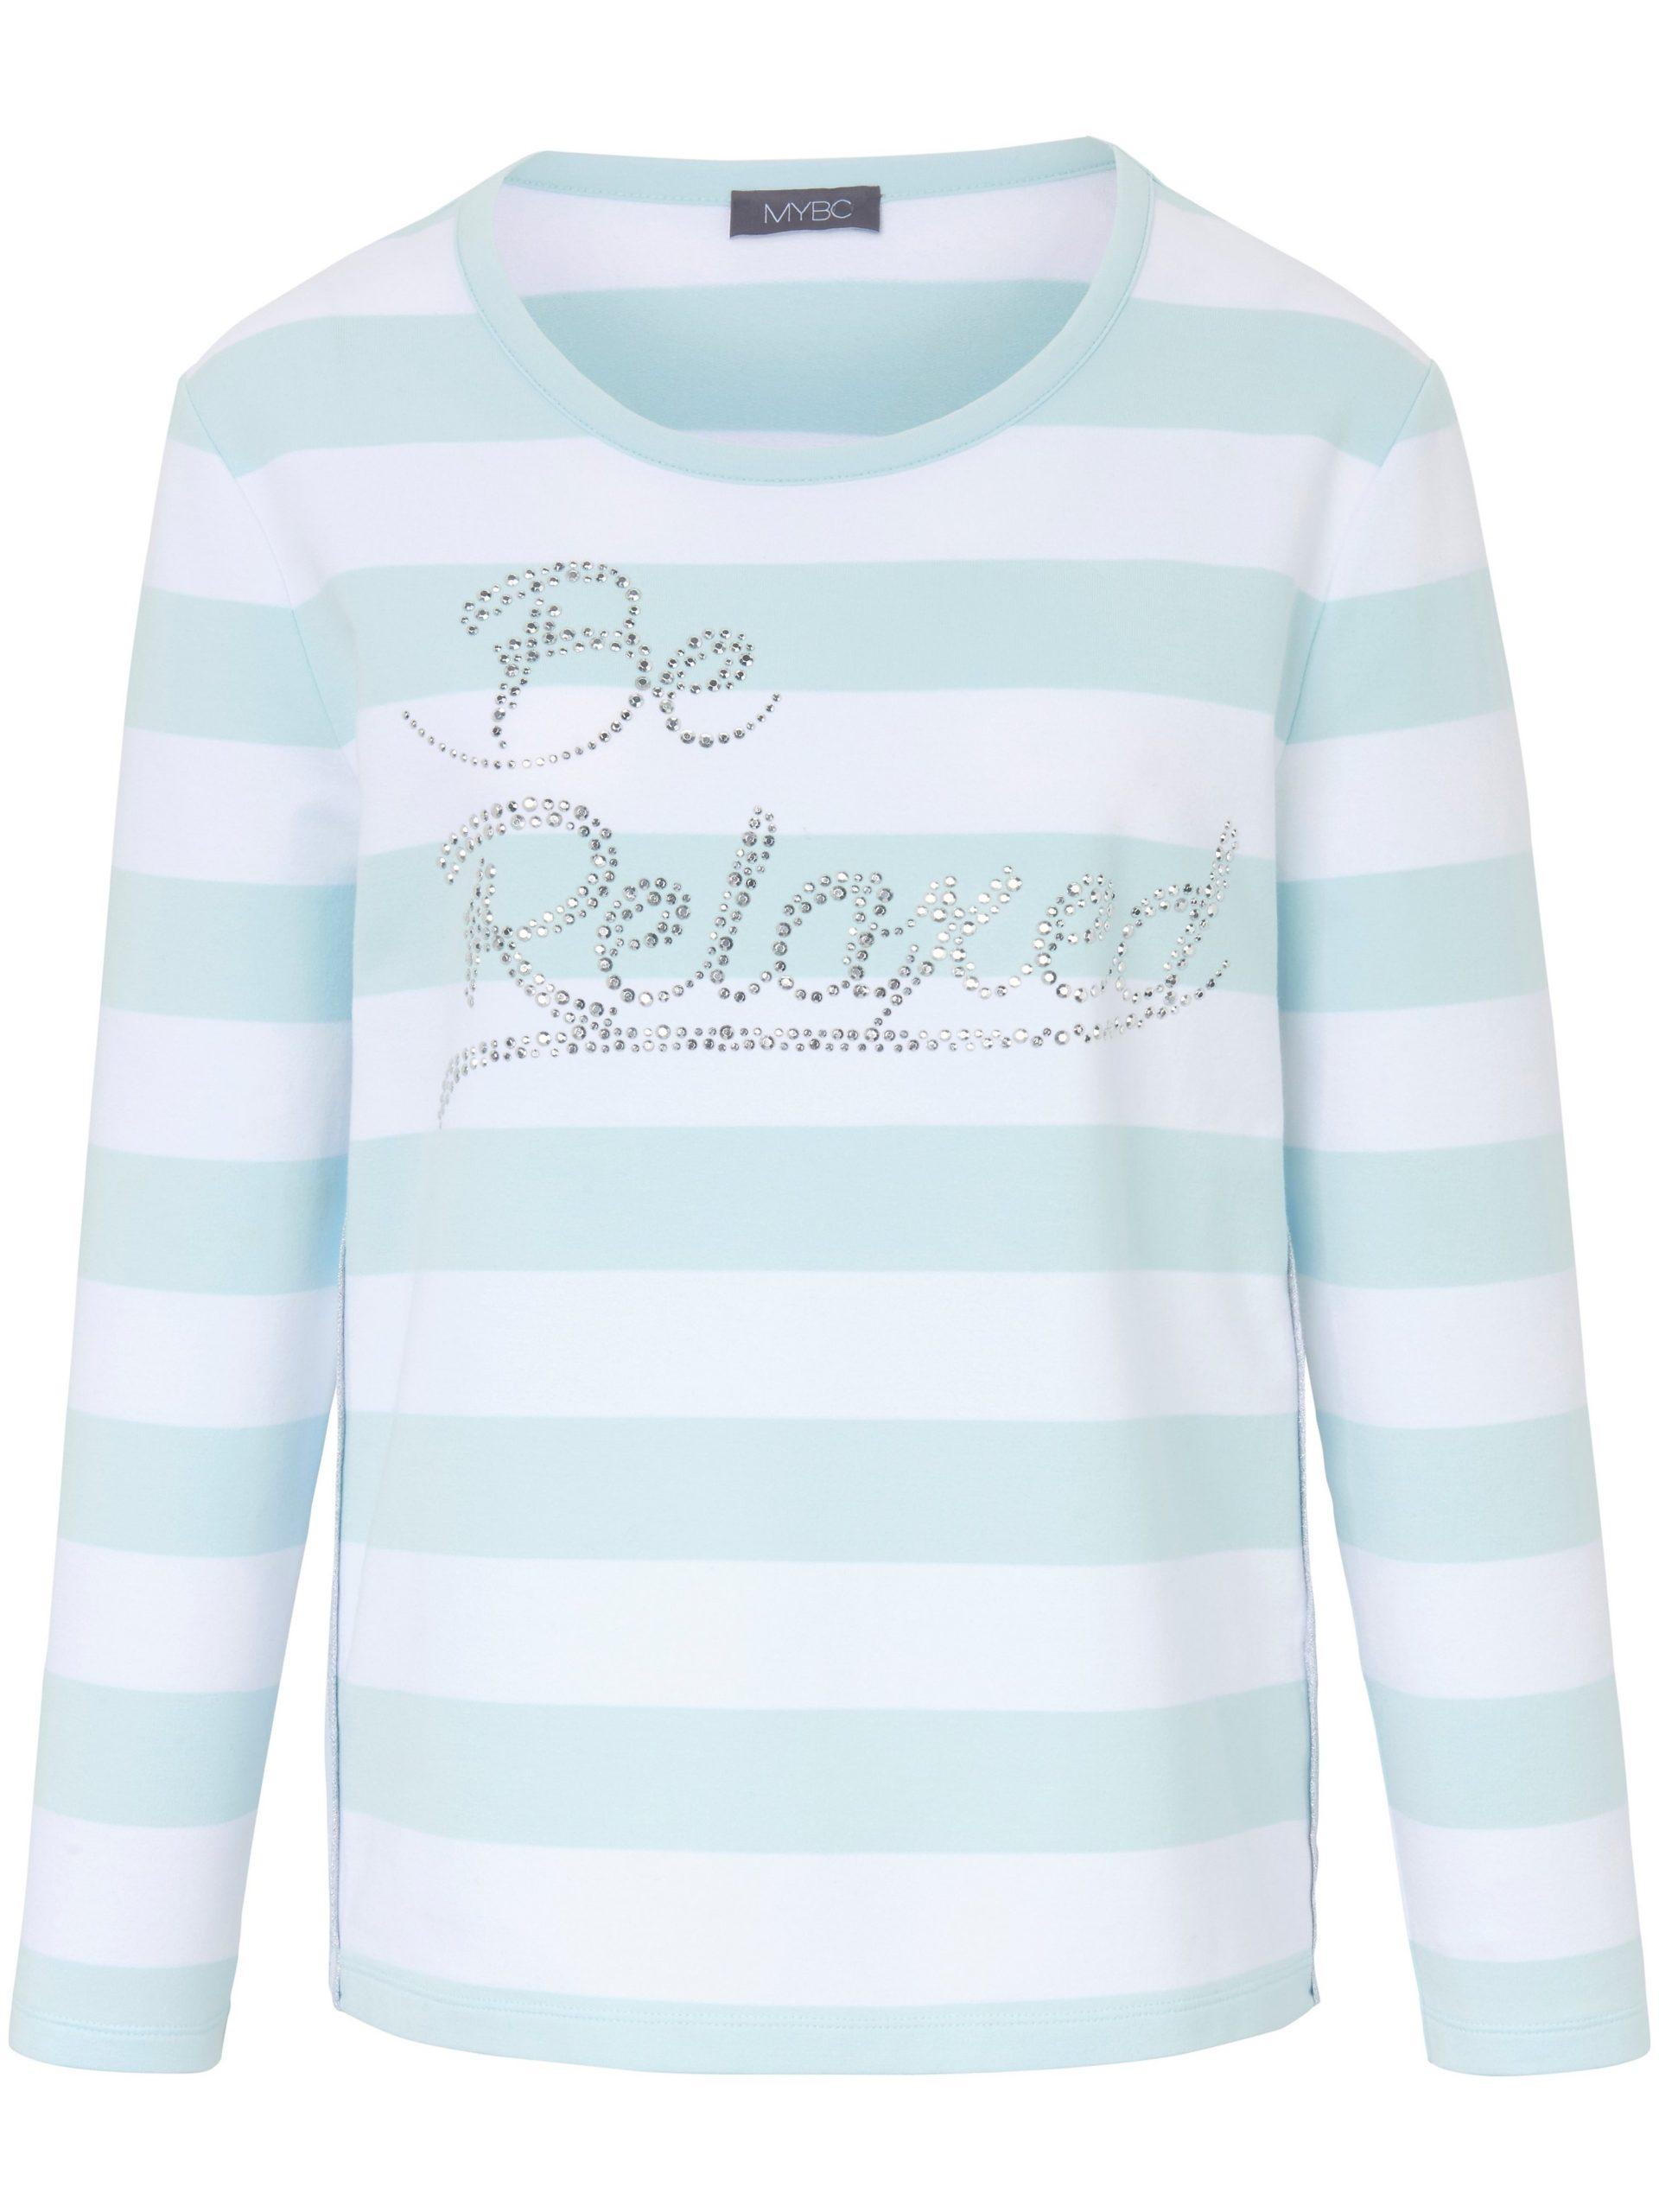 Sweatshirt met lange mouwen en ronde hals Van MYBC multicolour Kopen